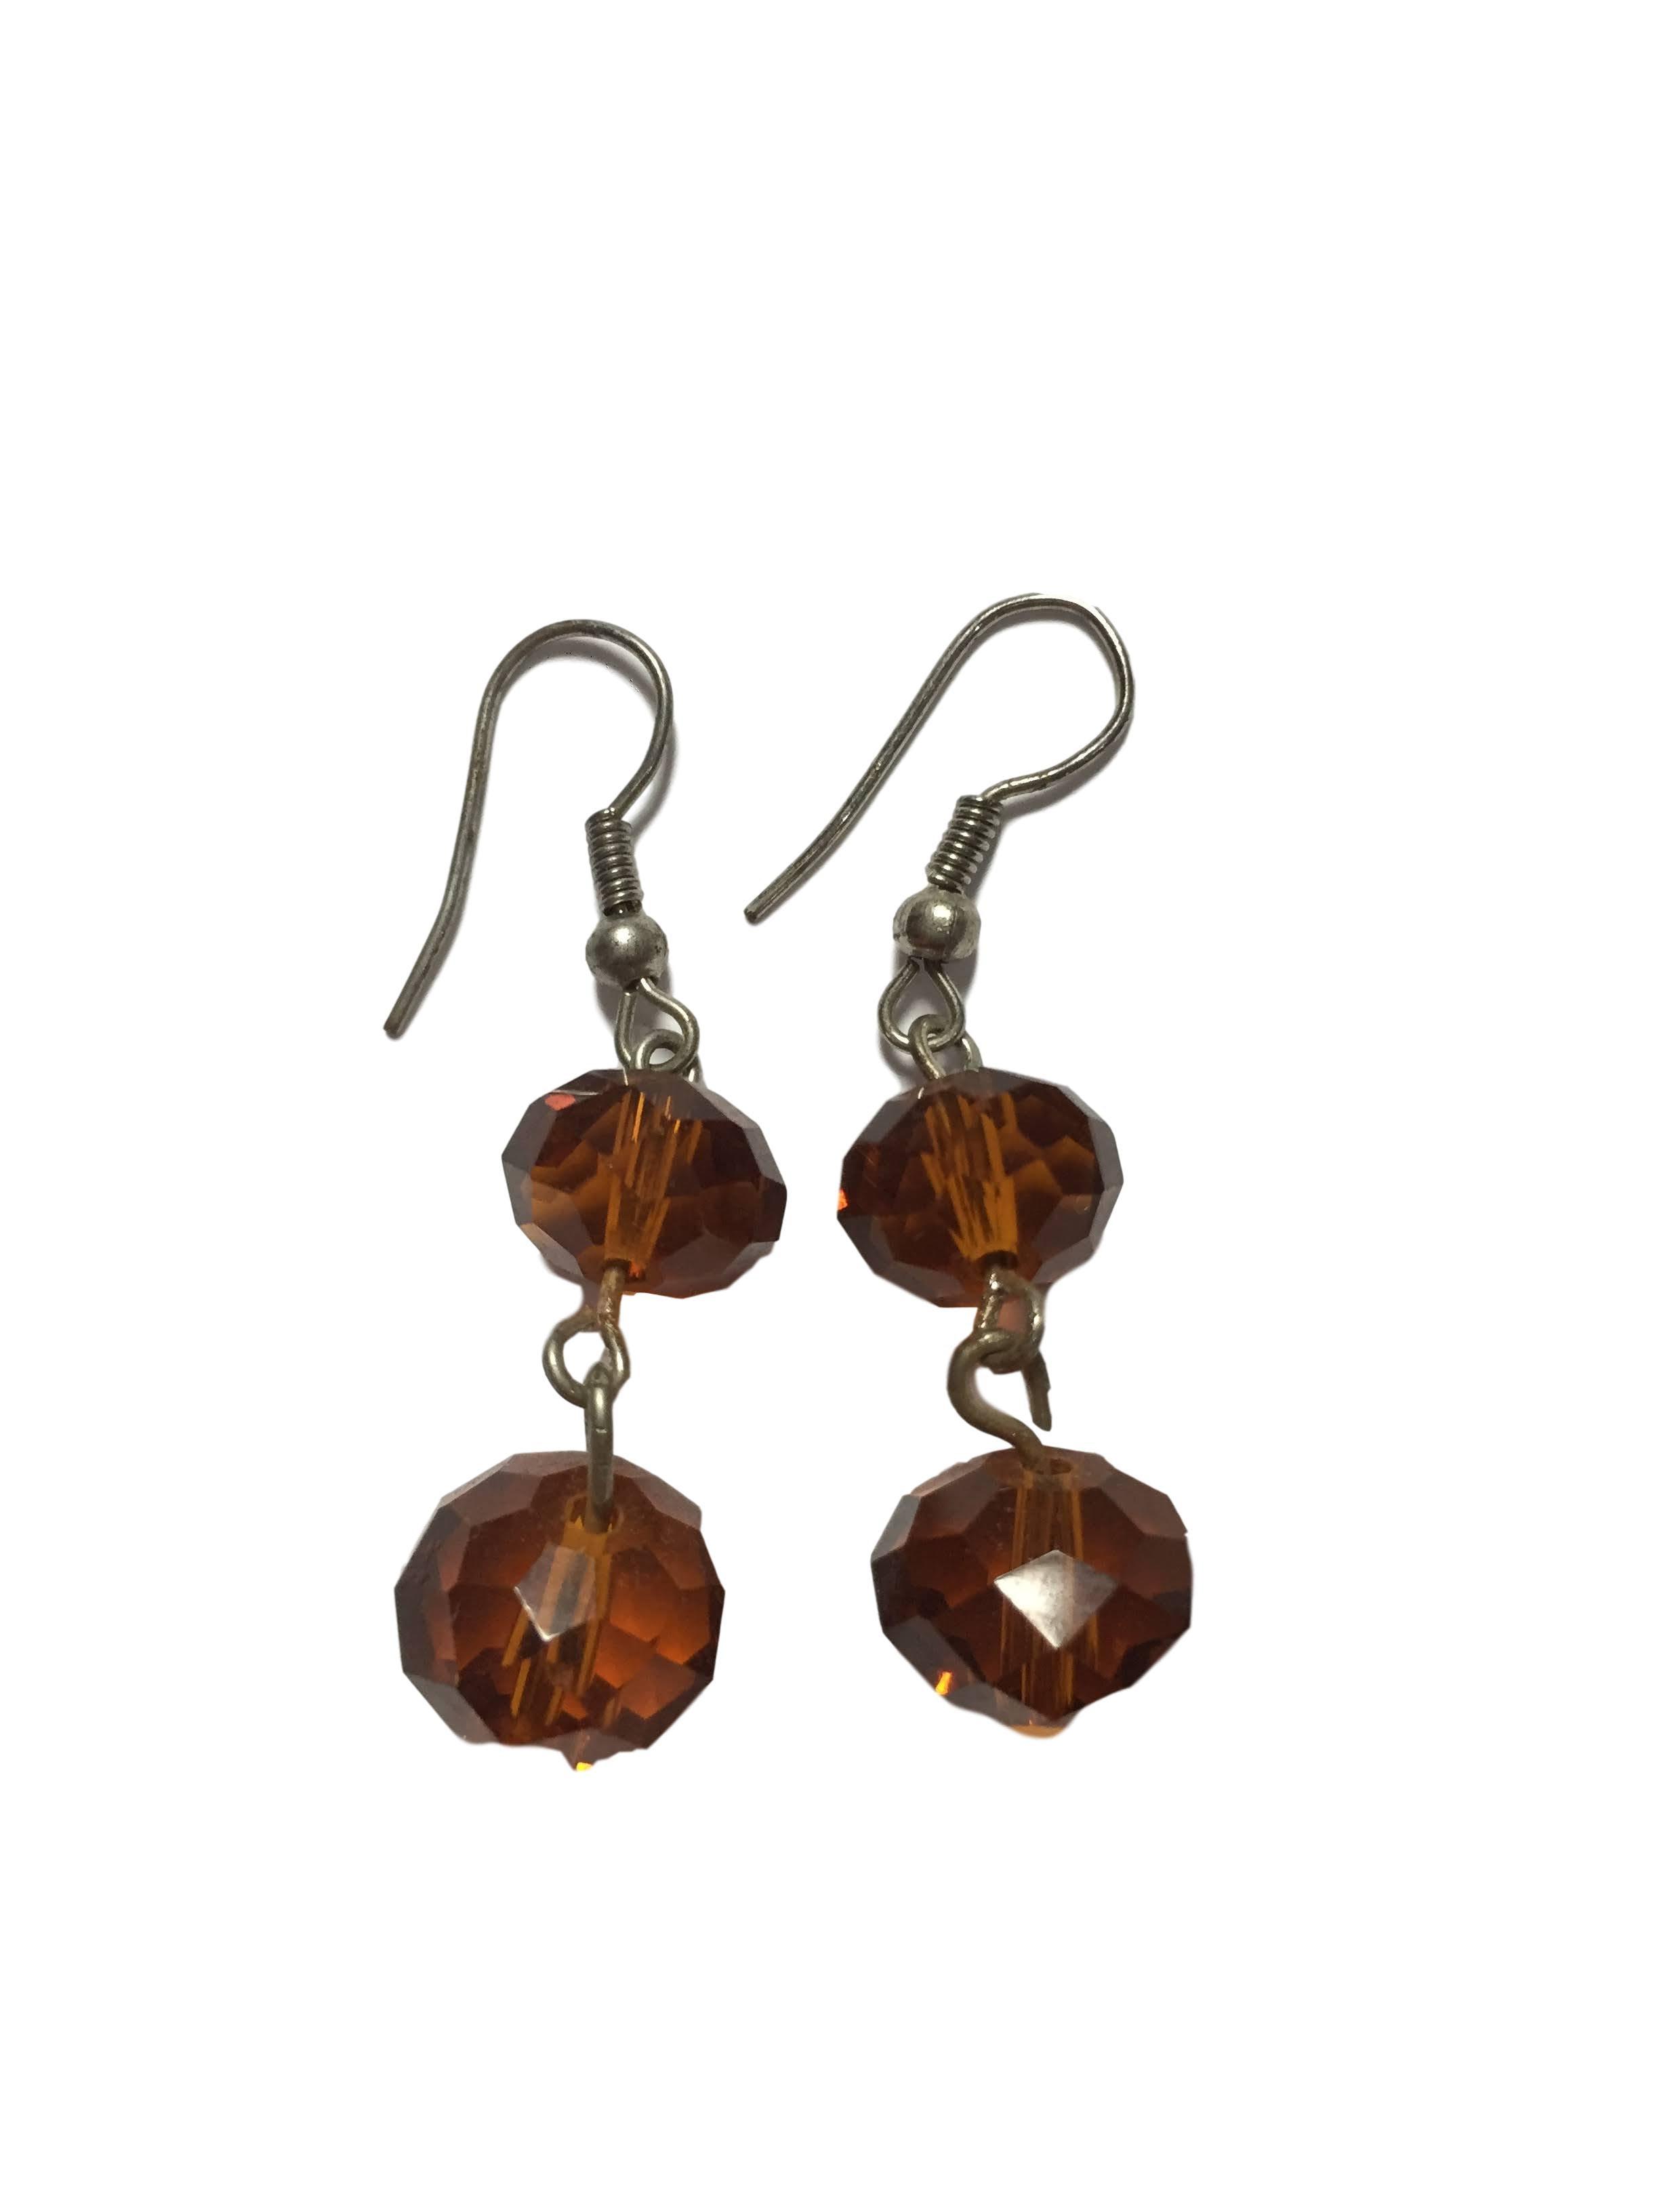 accesorios bijouterie aretes - dos piedras traslucidas marrones  - Talla u